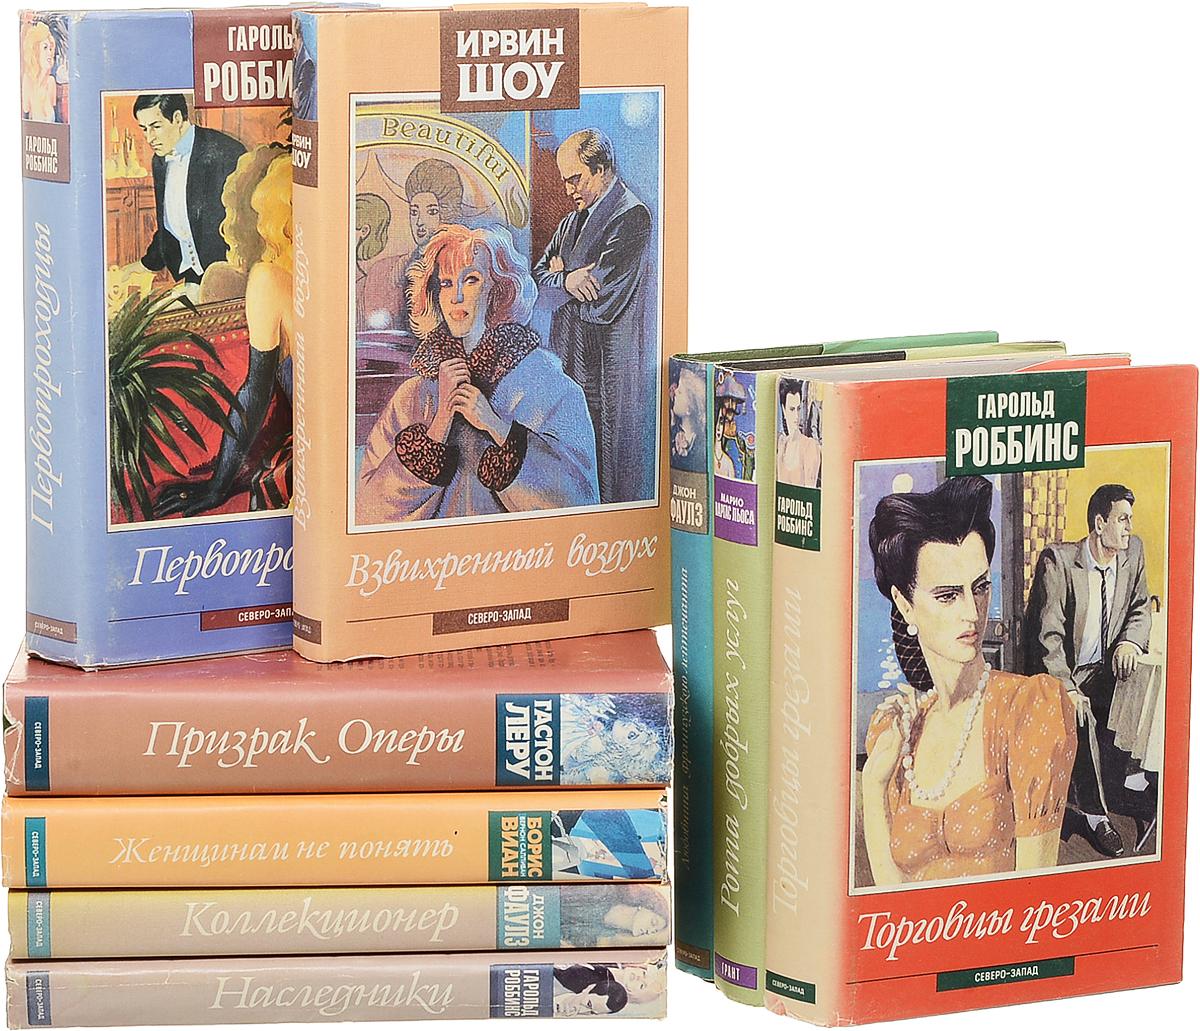 """Иностранные романы от издательства """"Северо-Запад"""" (комплект из 9 книг)"""